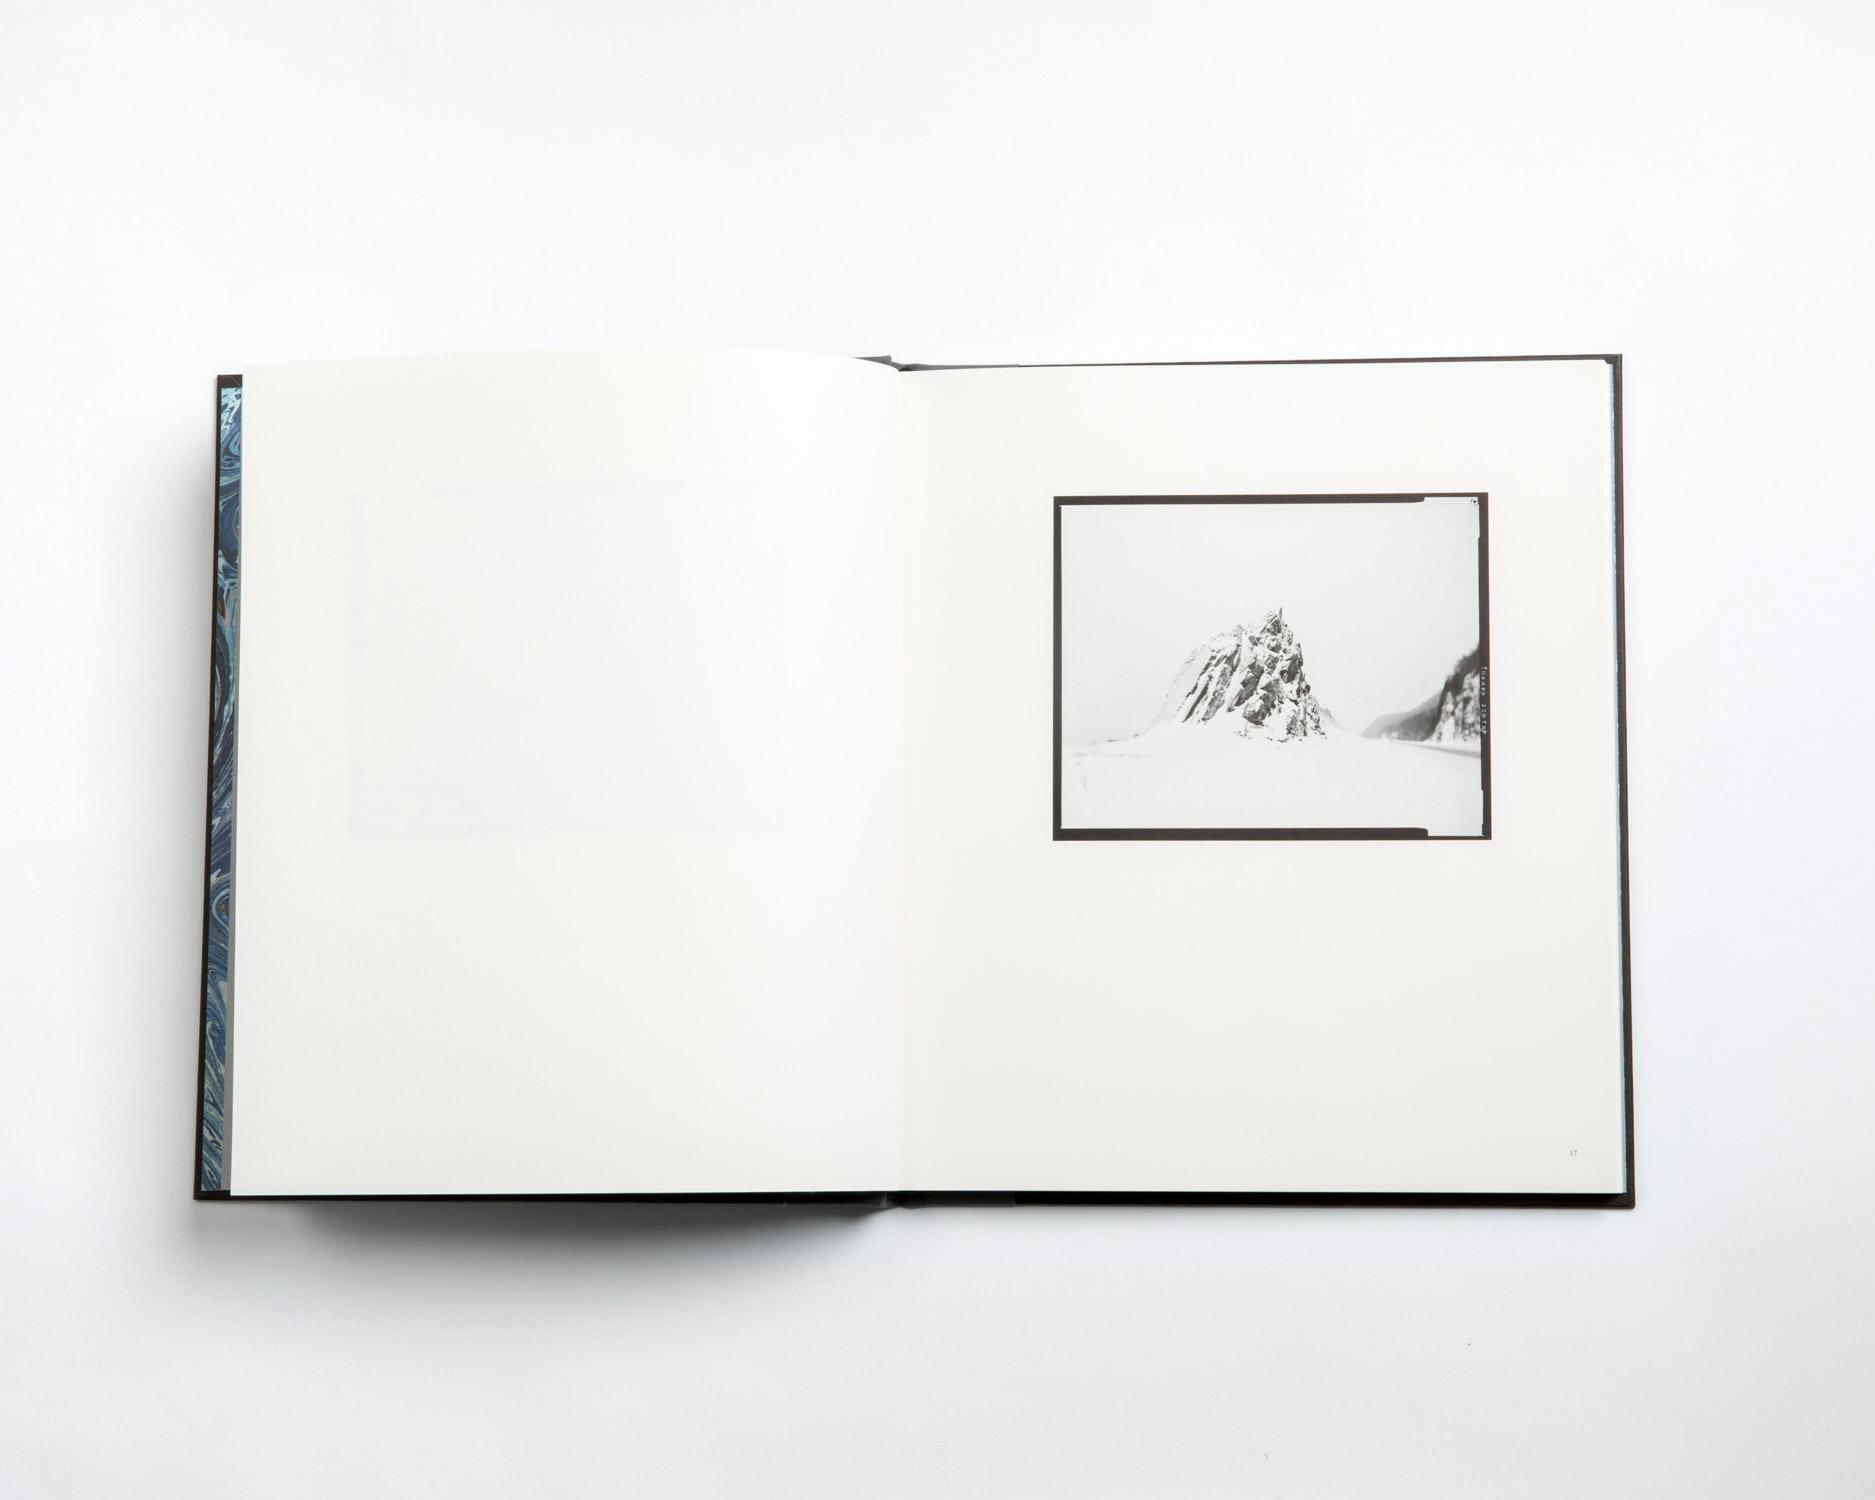 Livres-Editions-Renard_HD_229